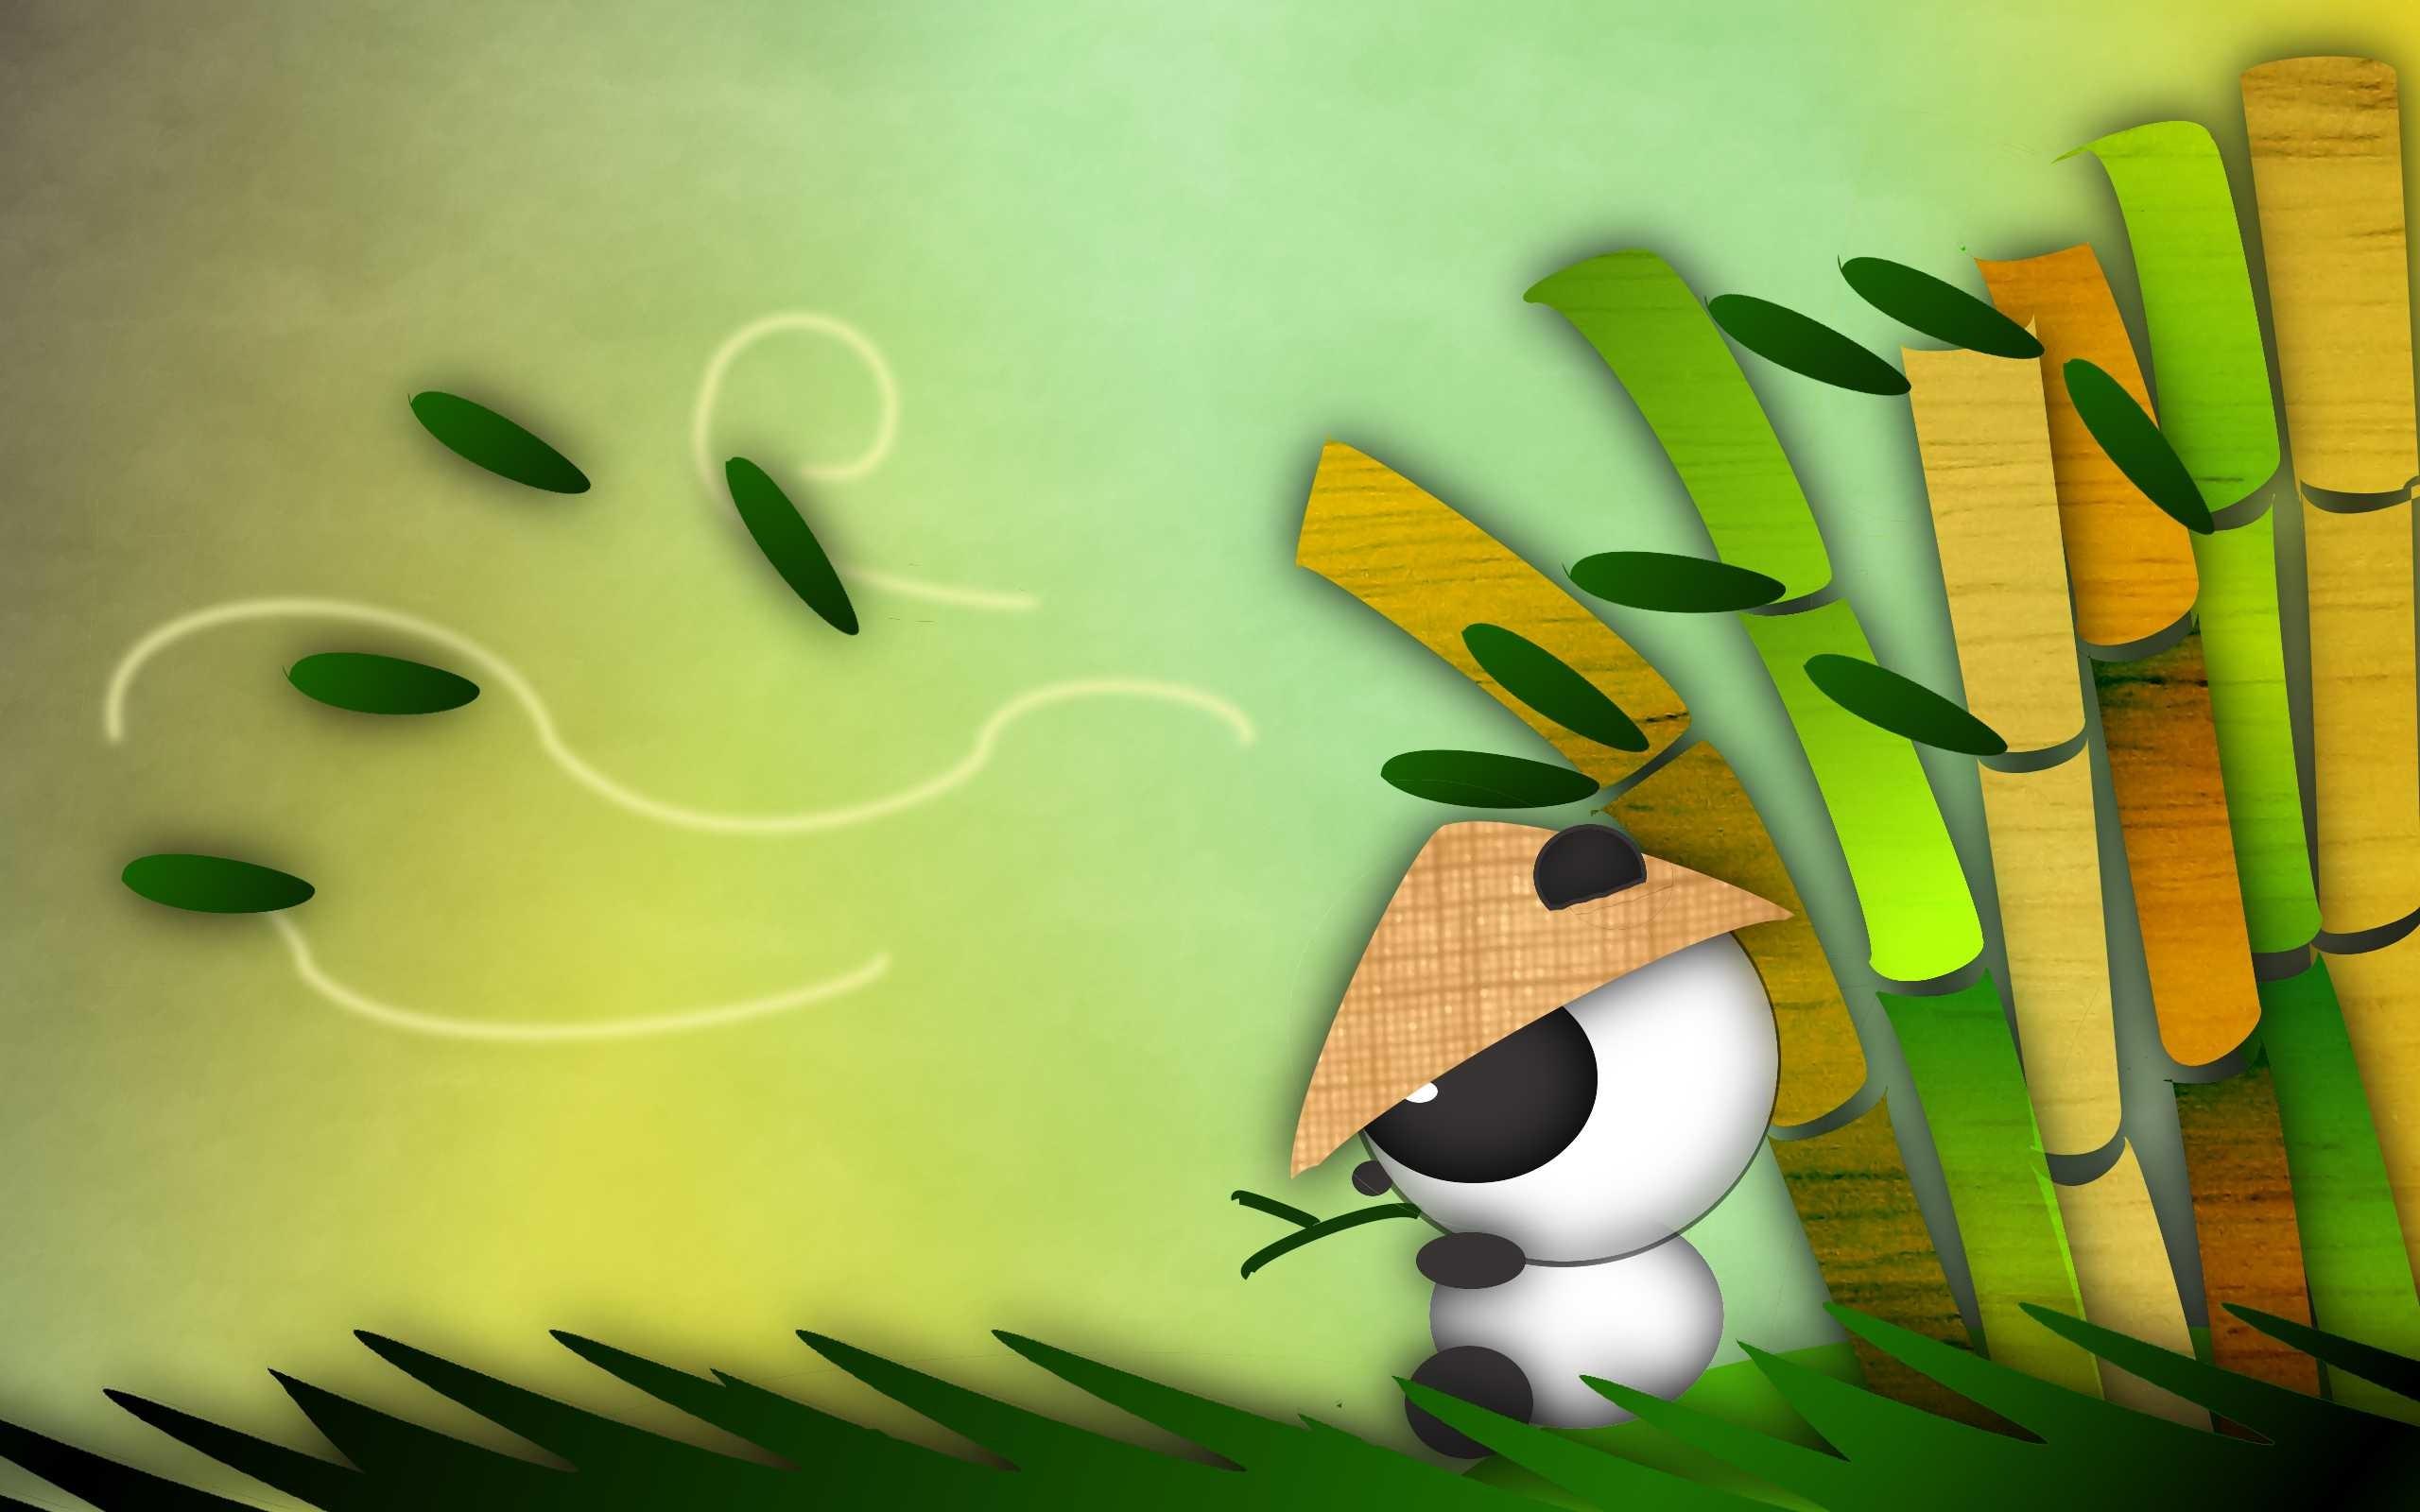 Cute Panda Cartoon HD Wallpaper #8022   Frenzia.com